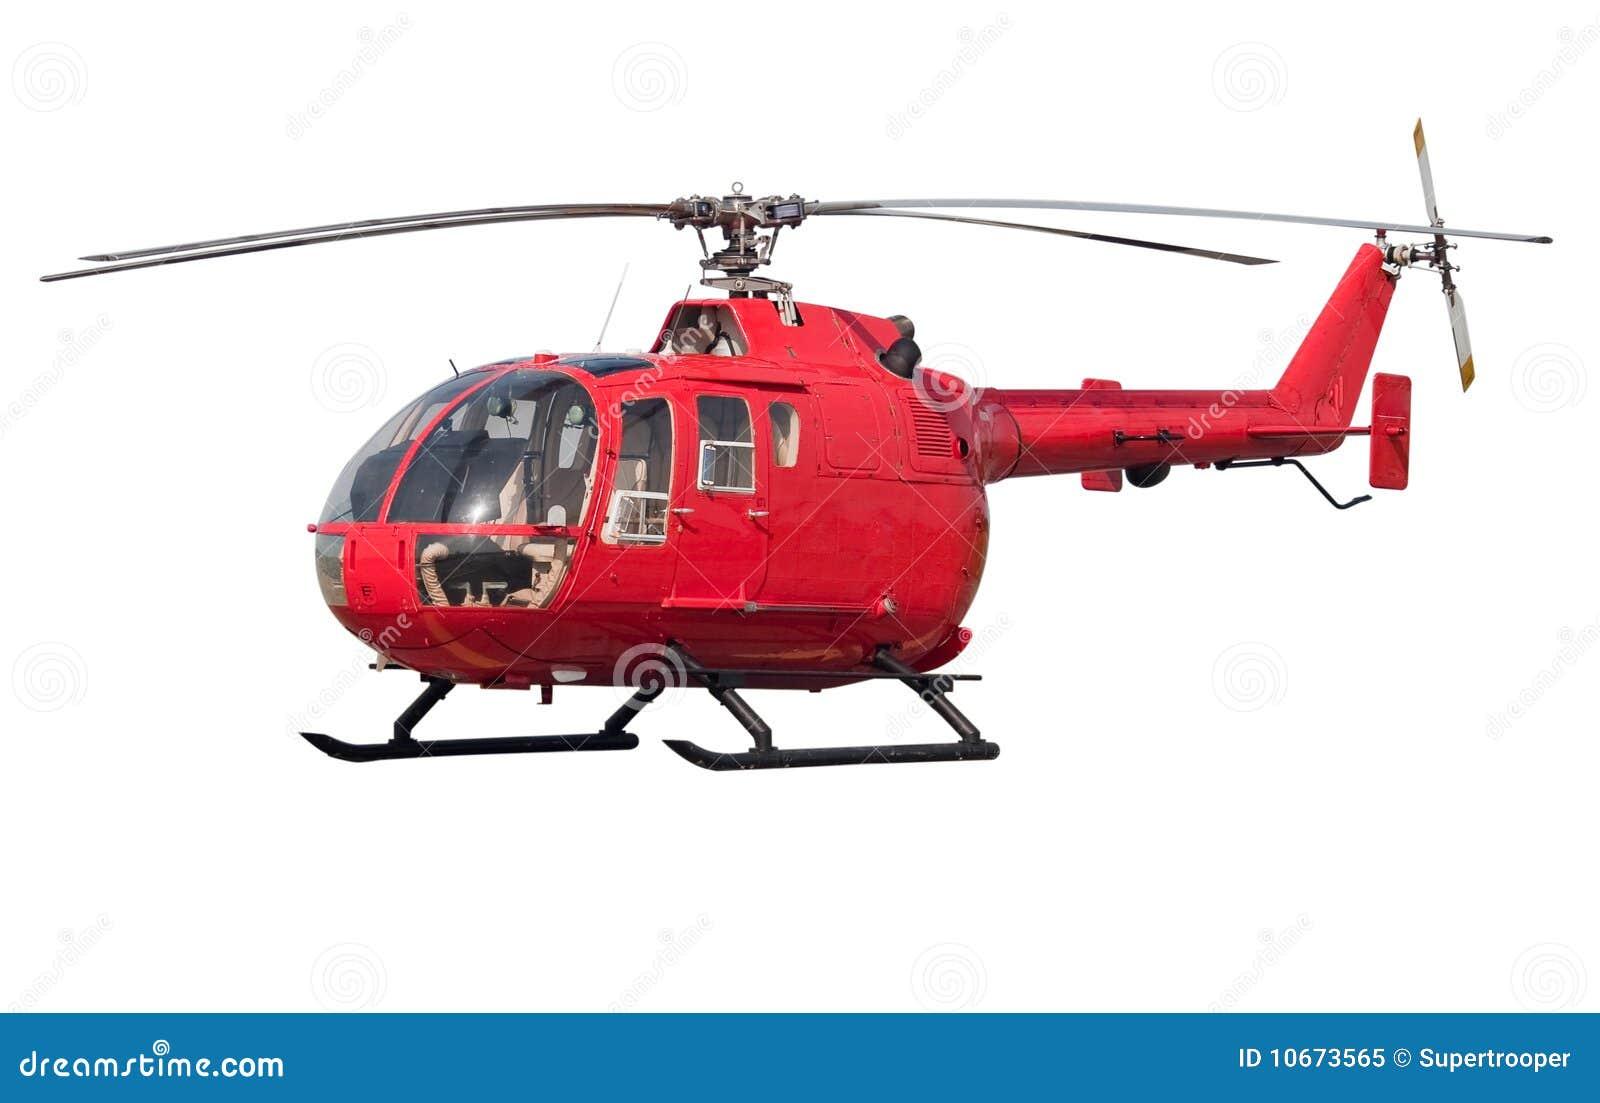 Helicóptero isolado